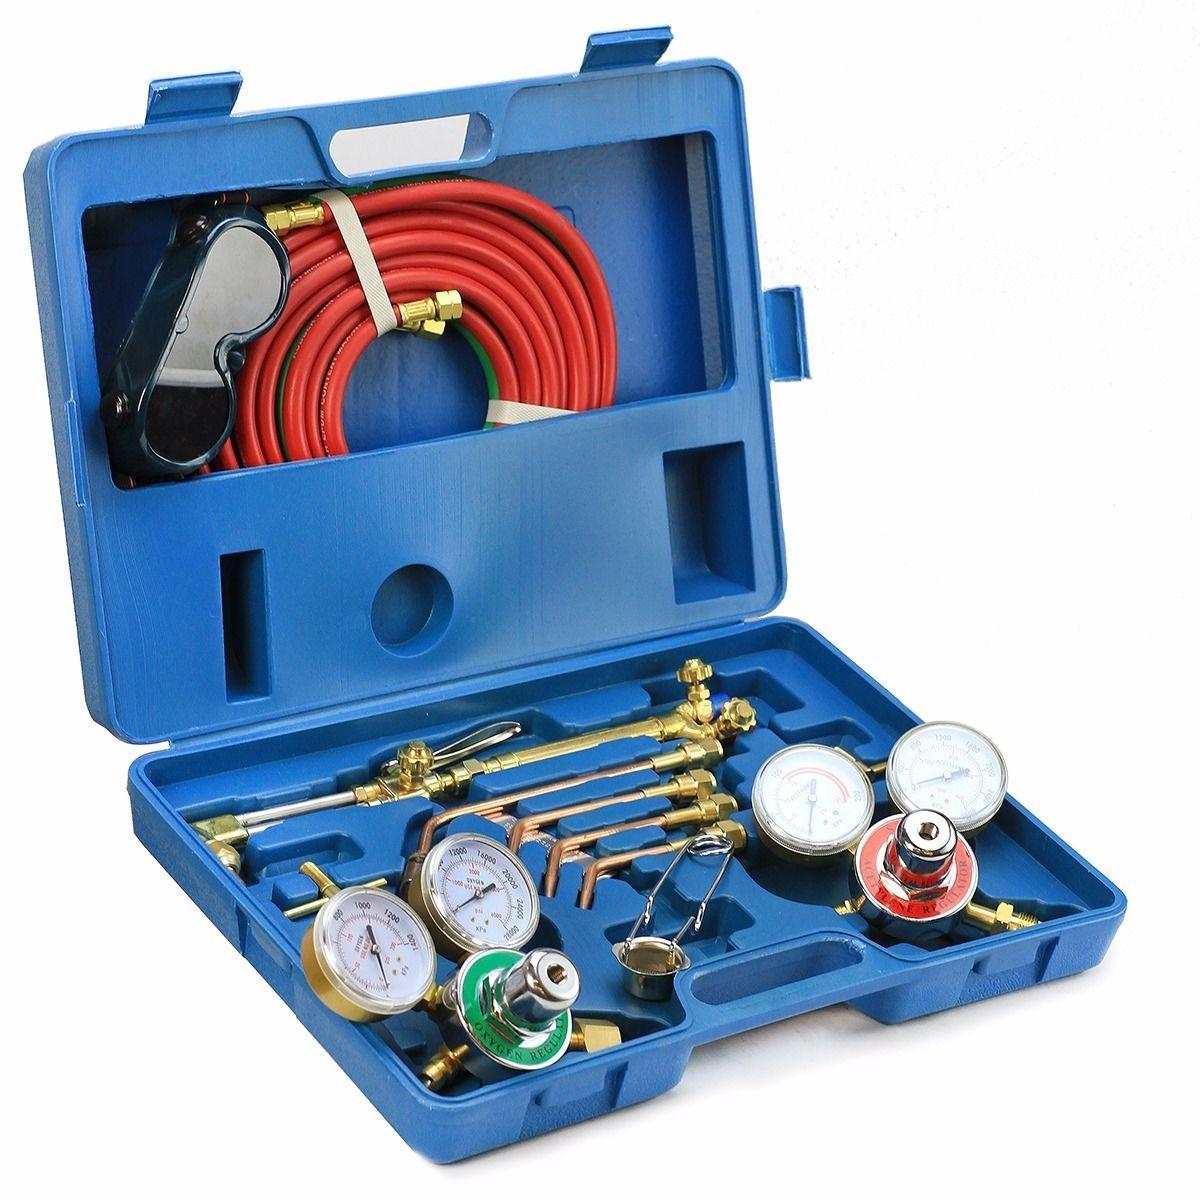 Victor Type Gas Welding & Cutting Kit Oxygen Torch Acetylene Welder ...